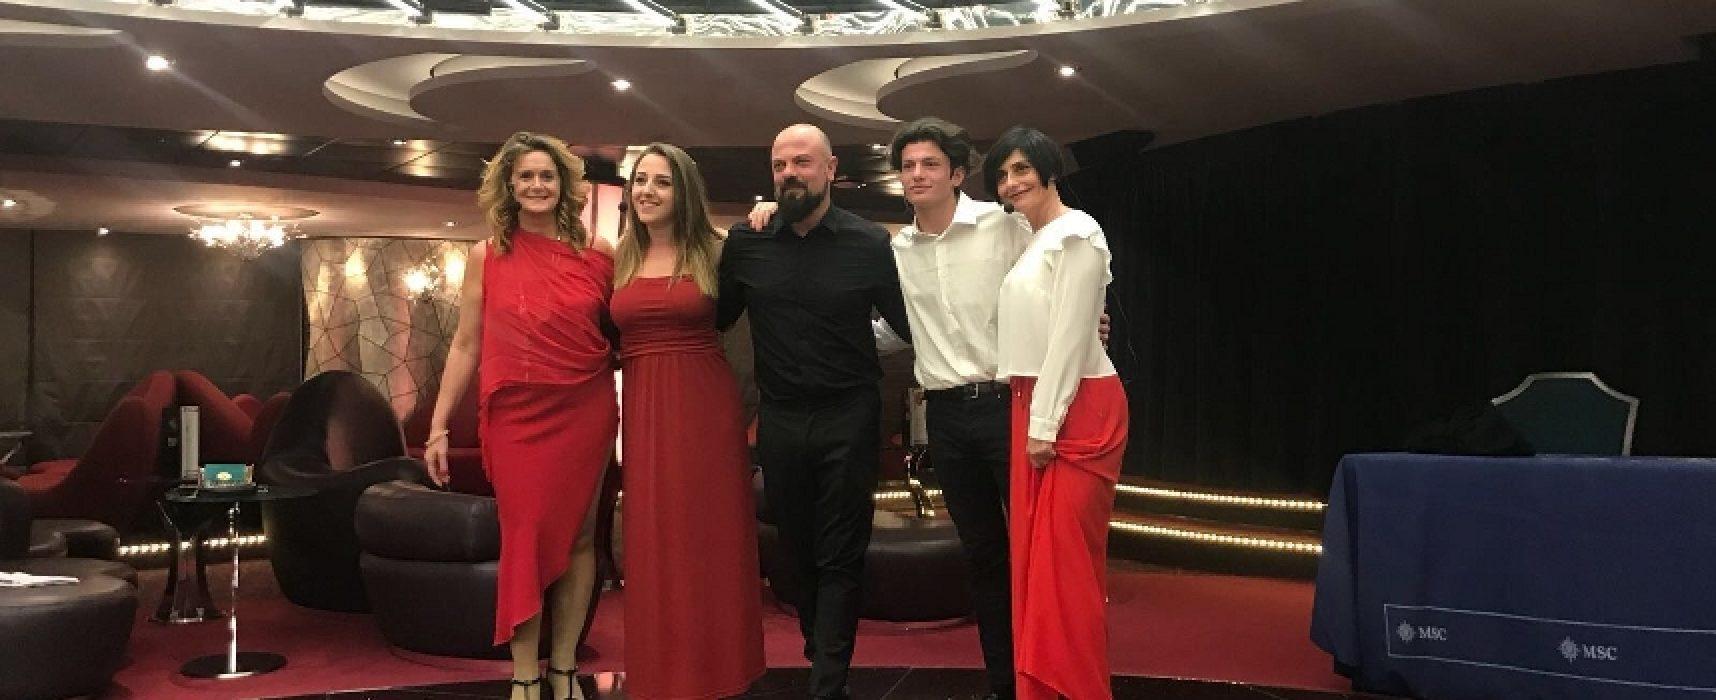 """Fagipamafra in Oriente a bordo della Msc con lo spettacolo """"Le Beatrici"""" / FOTO"""